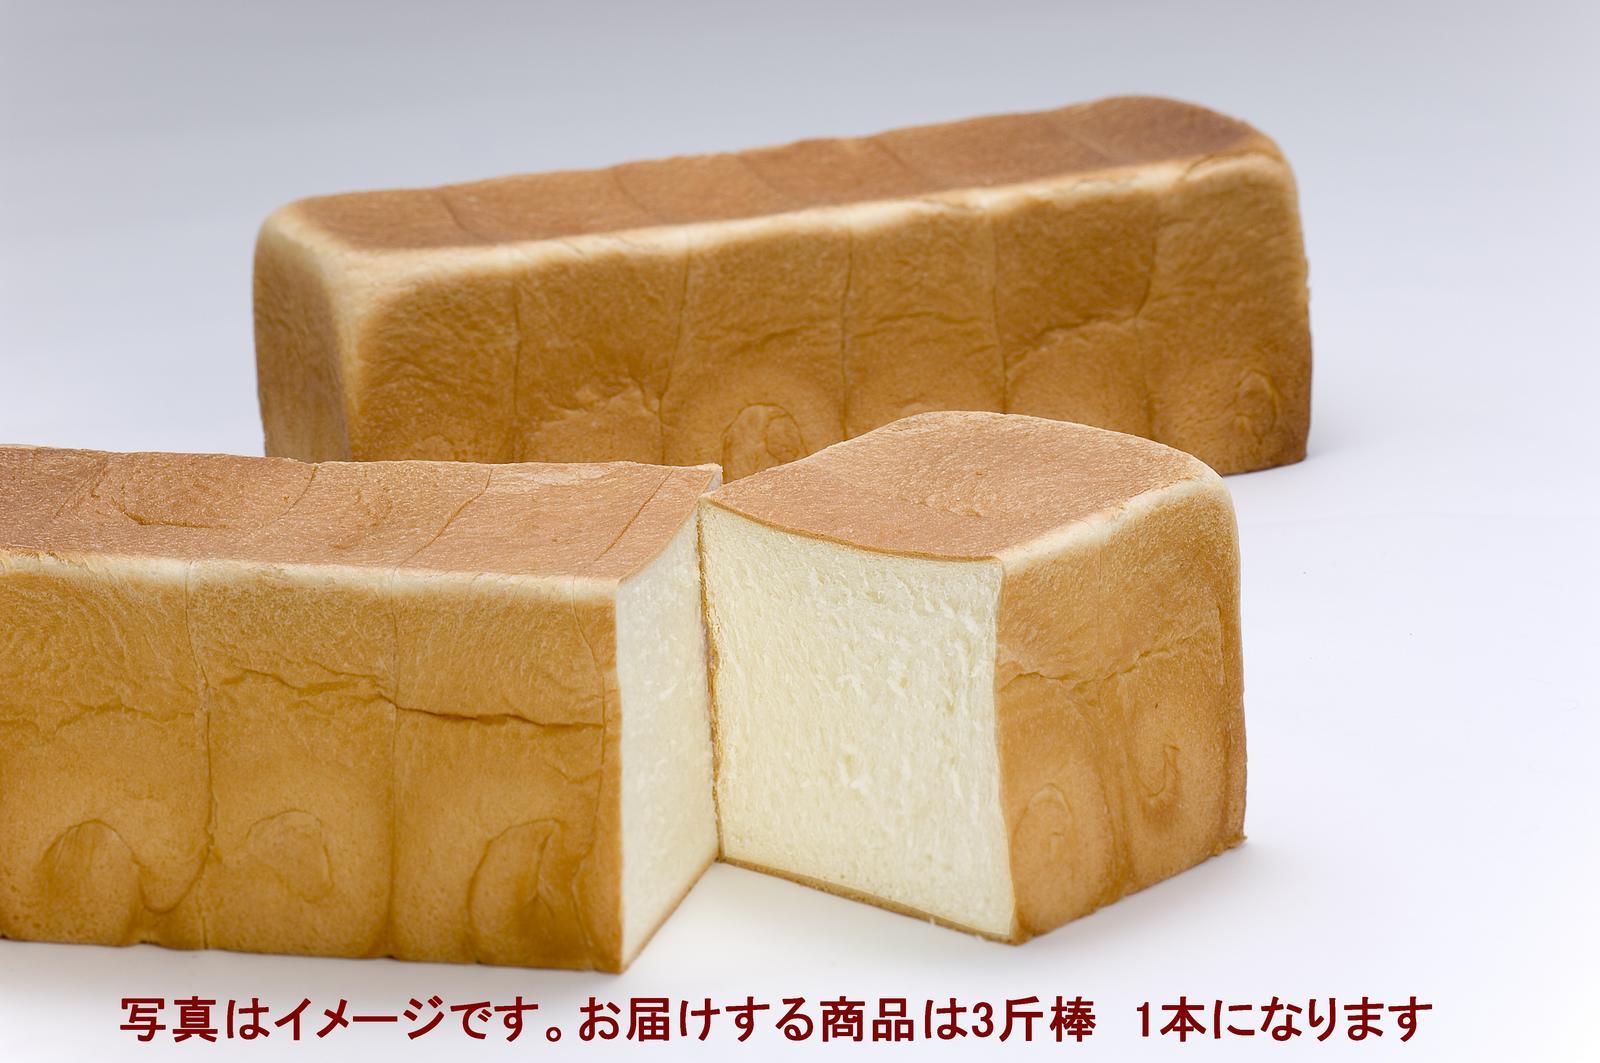 ダロワイヨ バレンタイン ギフト マカロン パンドミ エクセル3斤 オリジナル食パンを全国…...:dalloyau:10000079